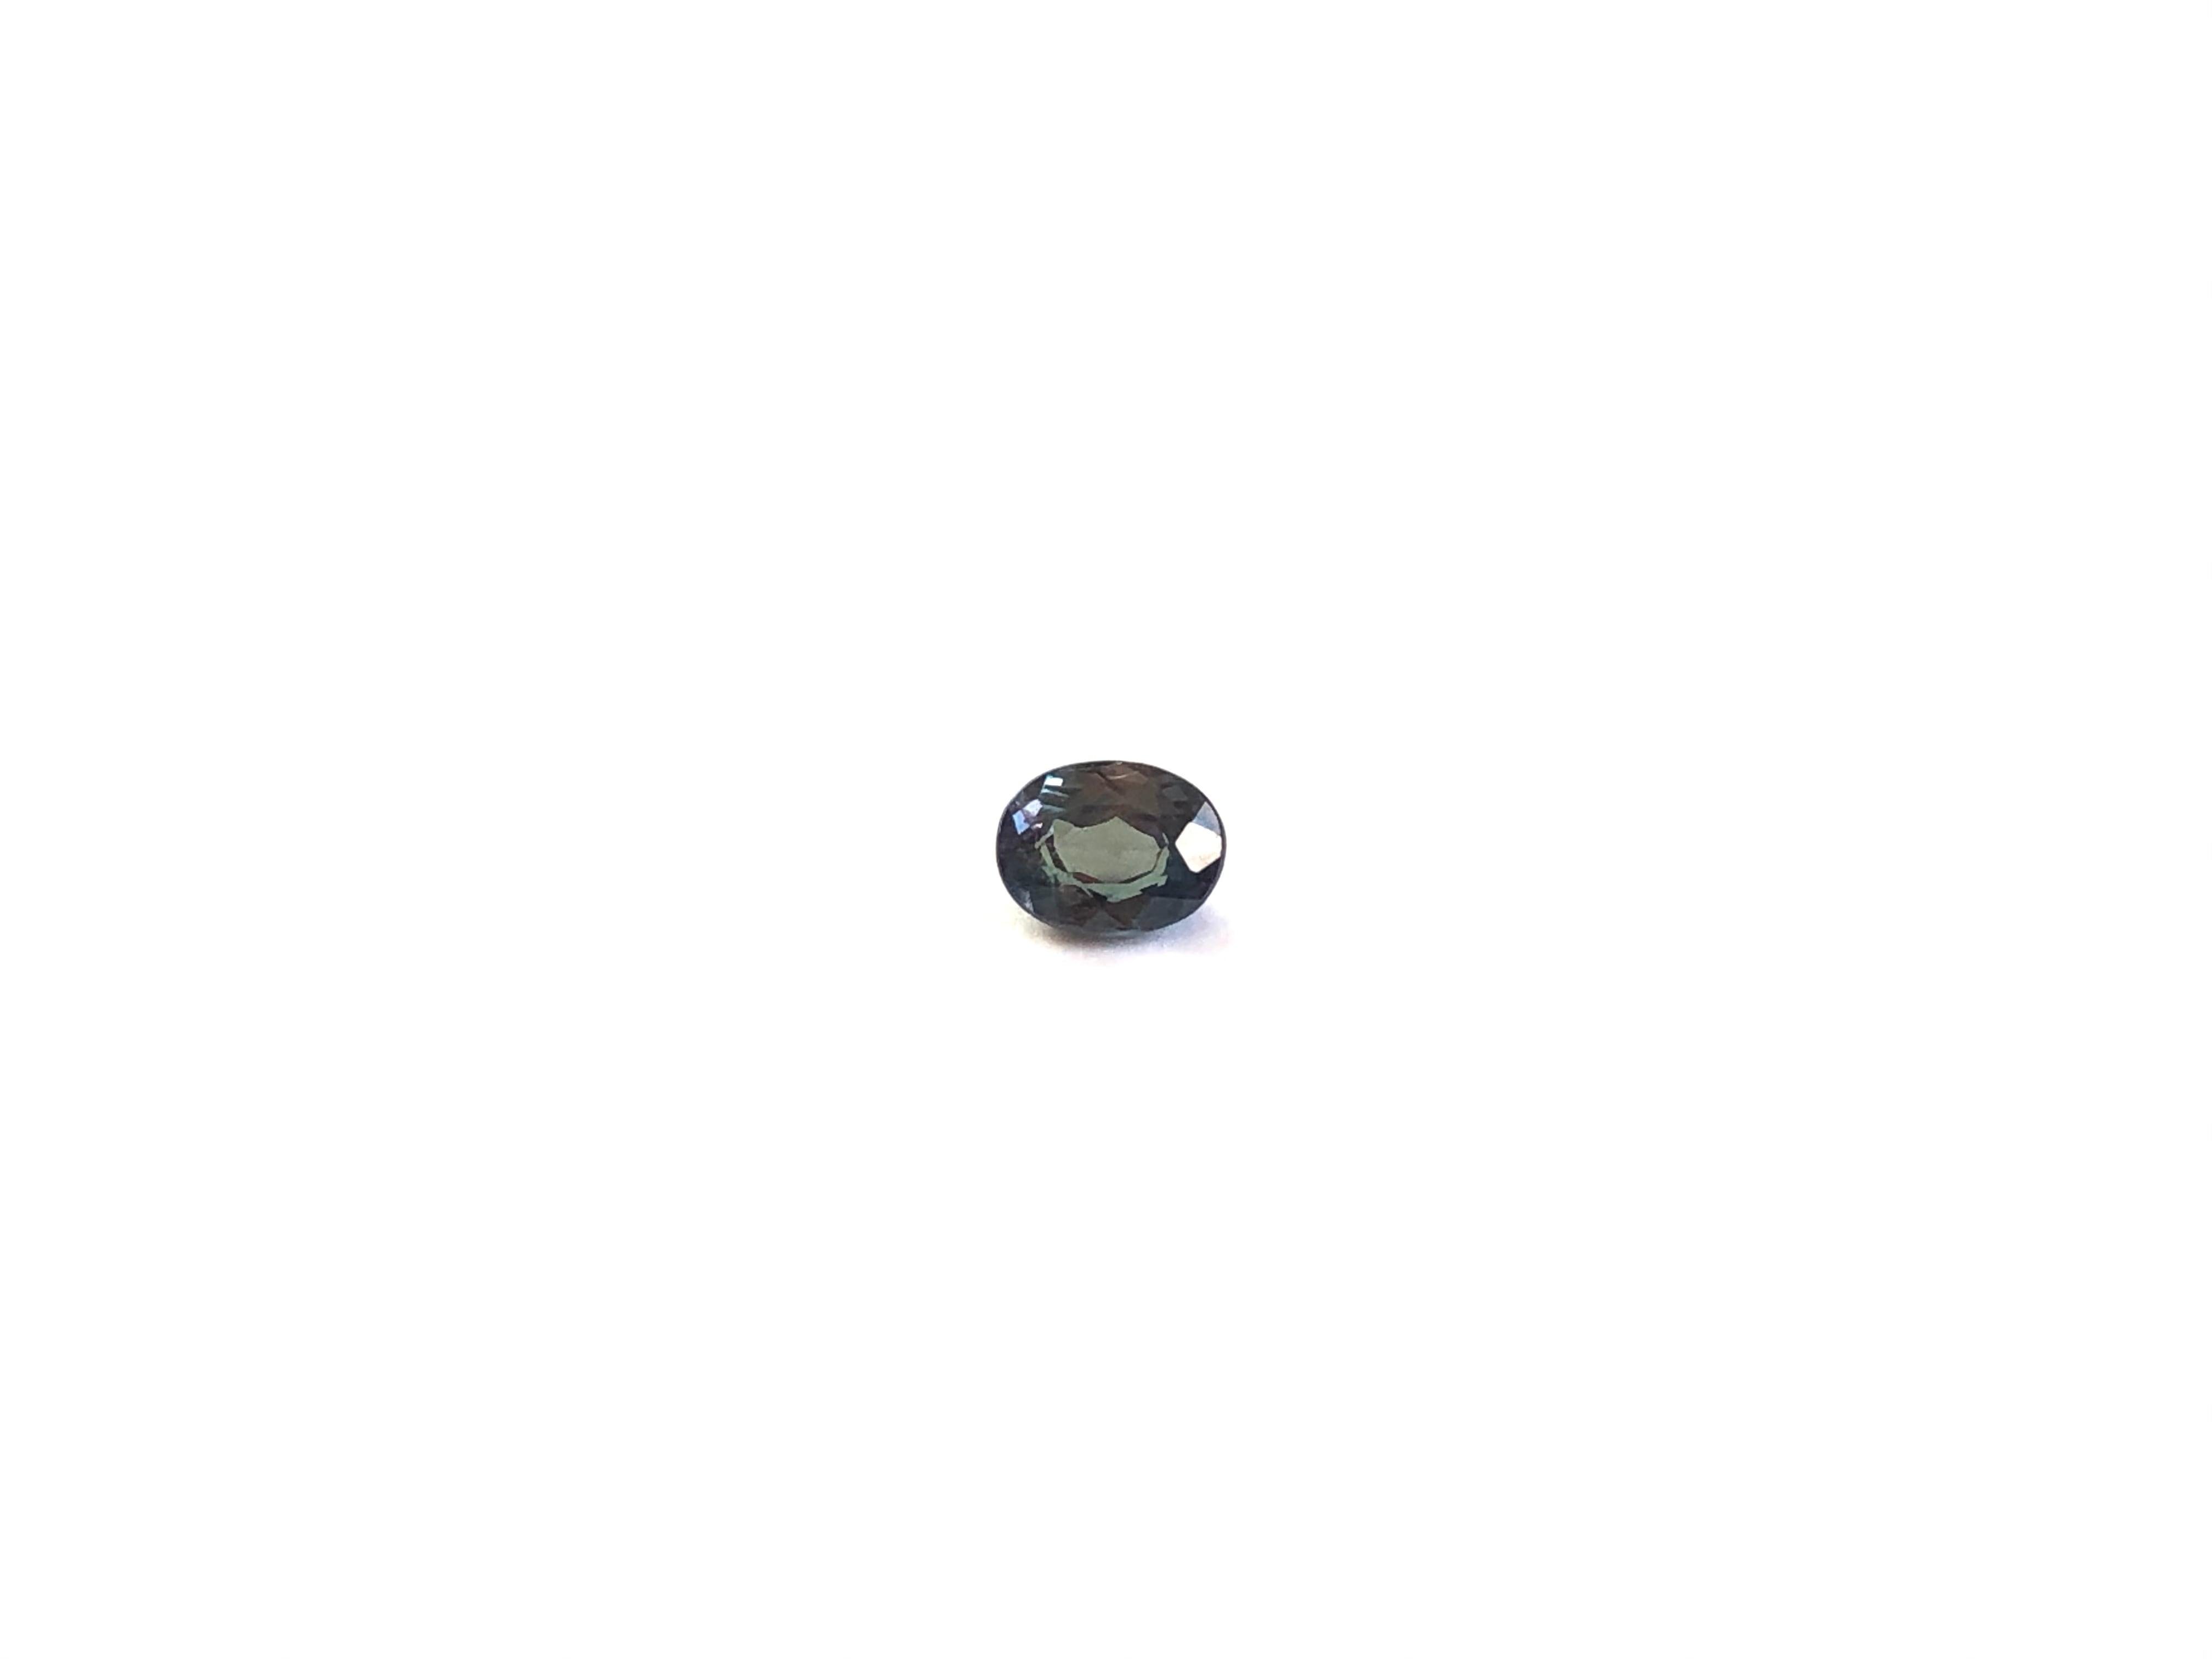 アレキサンドライト [No,k-7527]